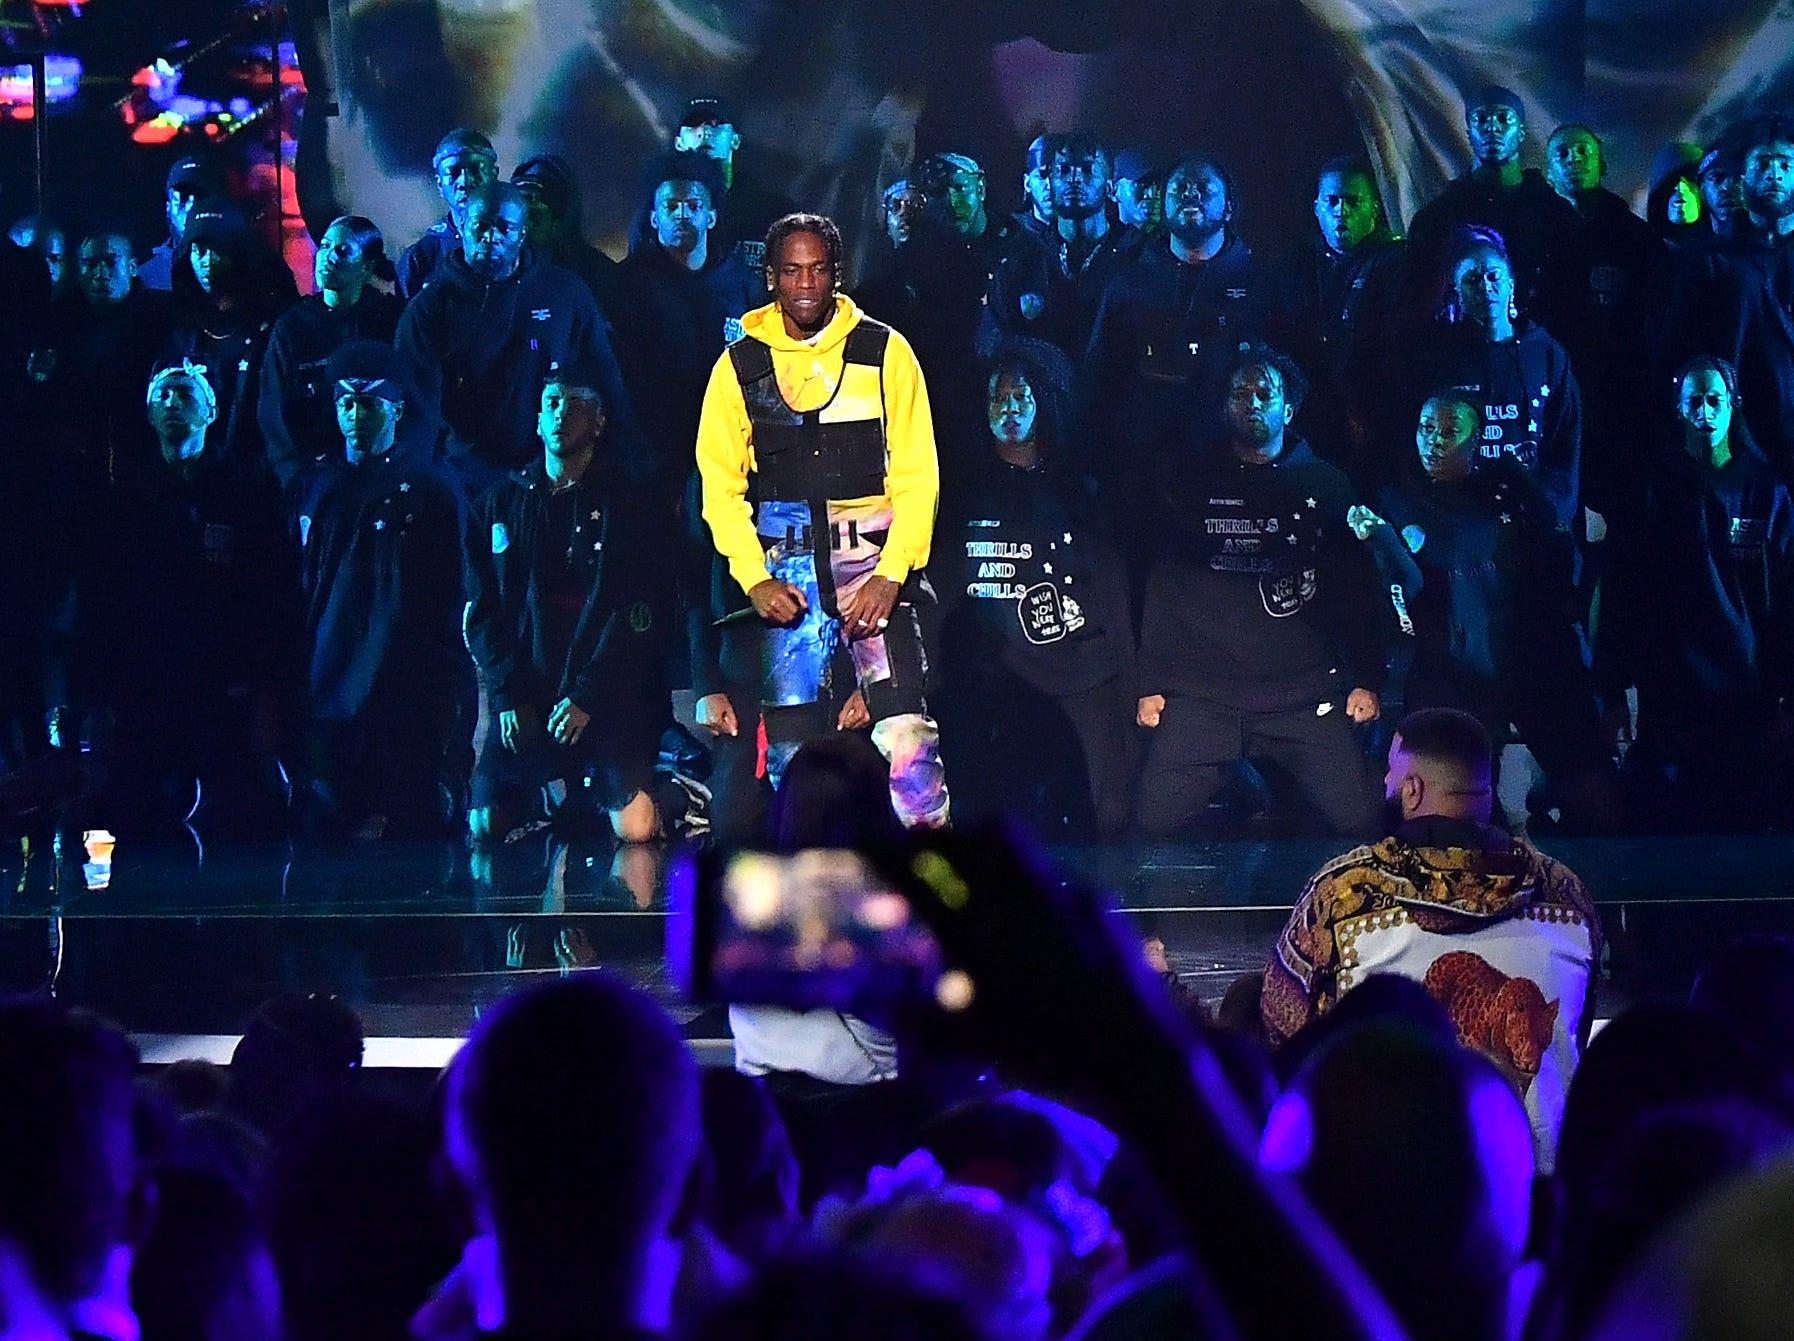 Travis Scott se presenta en el escenario durante los MTV Video Music Awards 2018 en el Radio City Music Hall el 20 de agosto de 2018 en la ciudad de Nueva York.